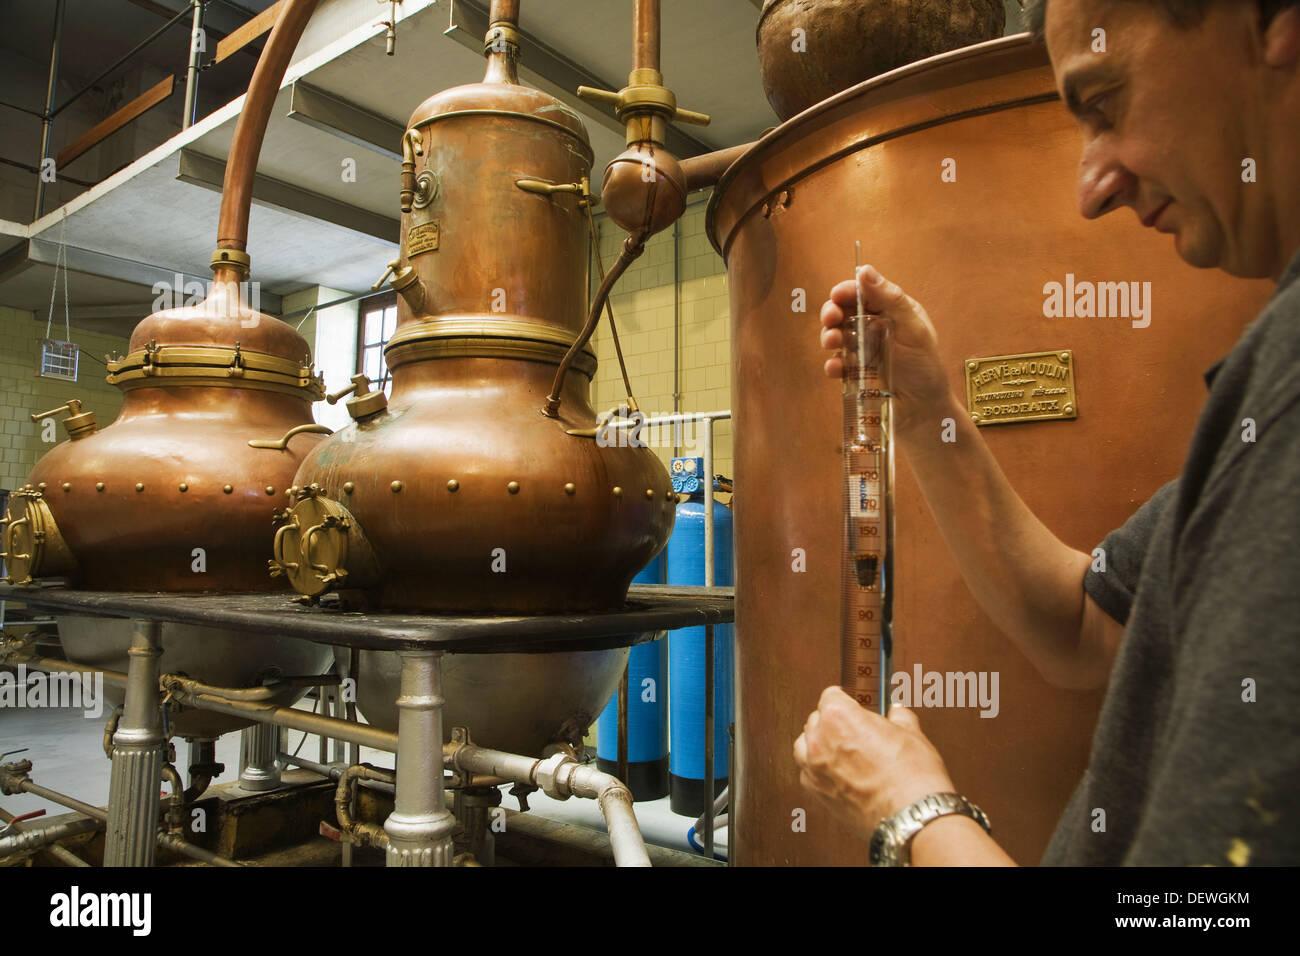 Plus de cent ans dans des alambics distilleries Manuel Acha, Amurrio. L'Alava, Pays Basque, Espagne Photo Stock